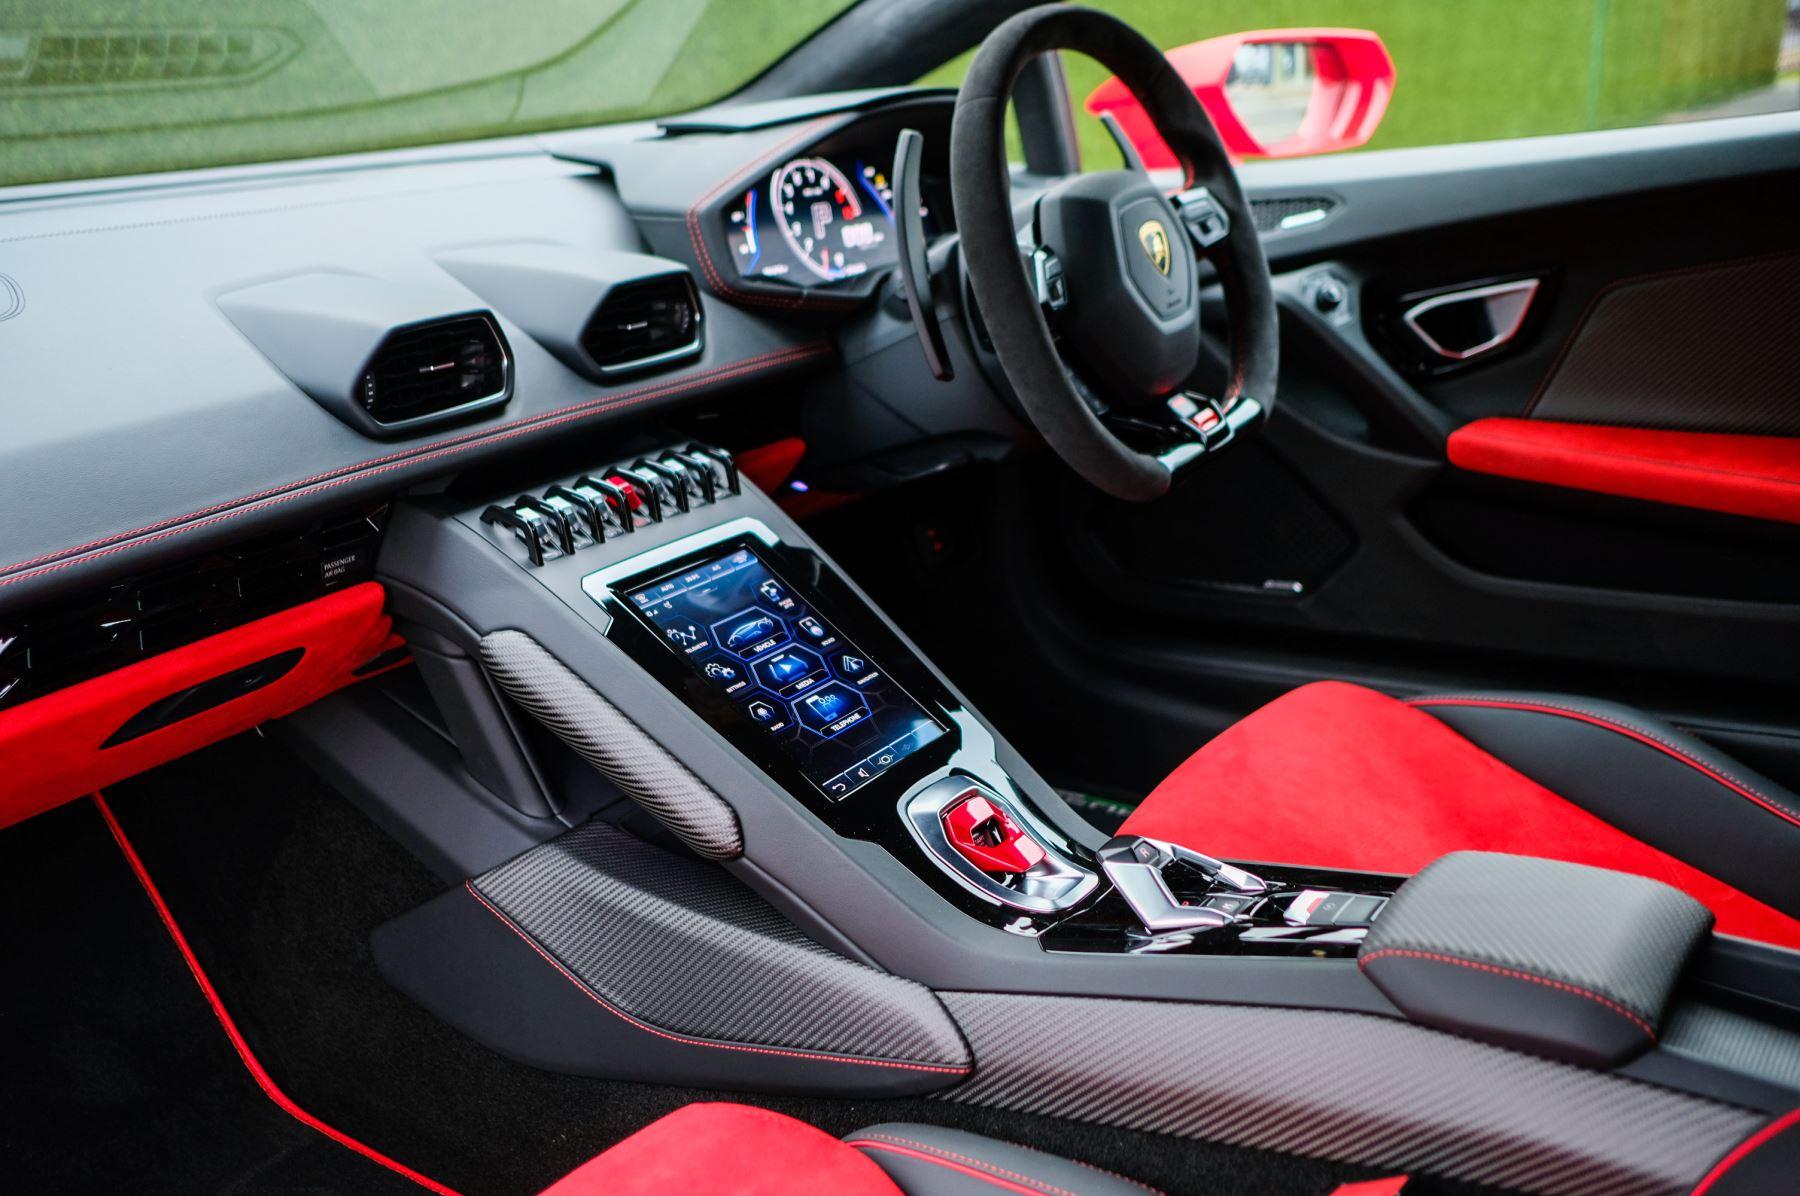 Lamborghini Huracan 5.2 V10 640 2dr Auto AWD image 7